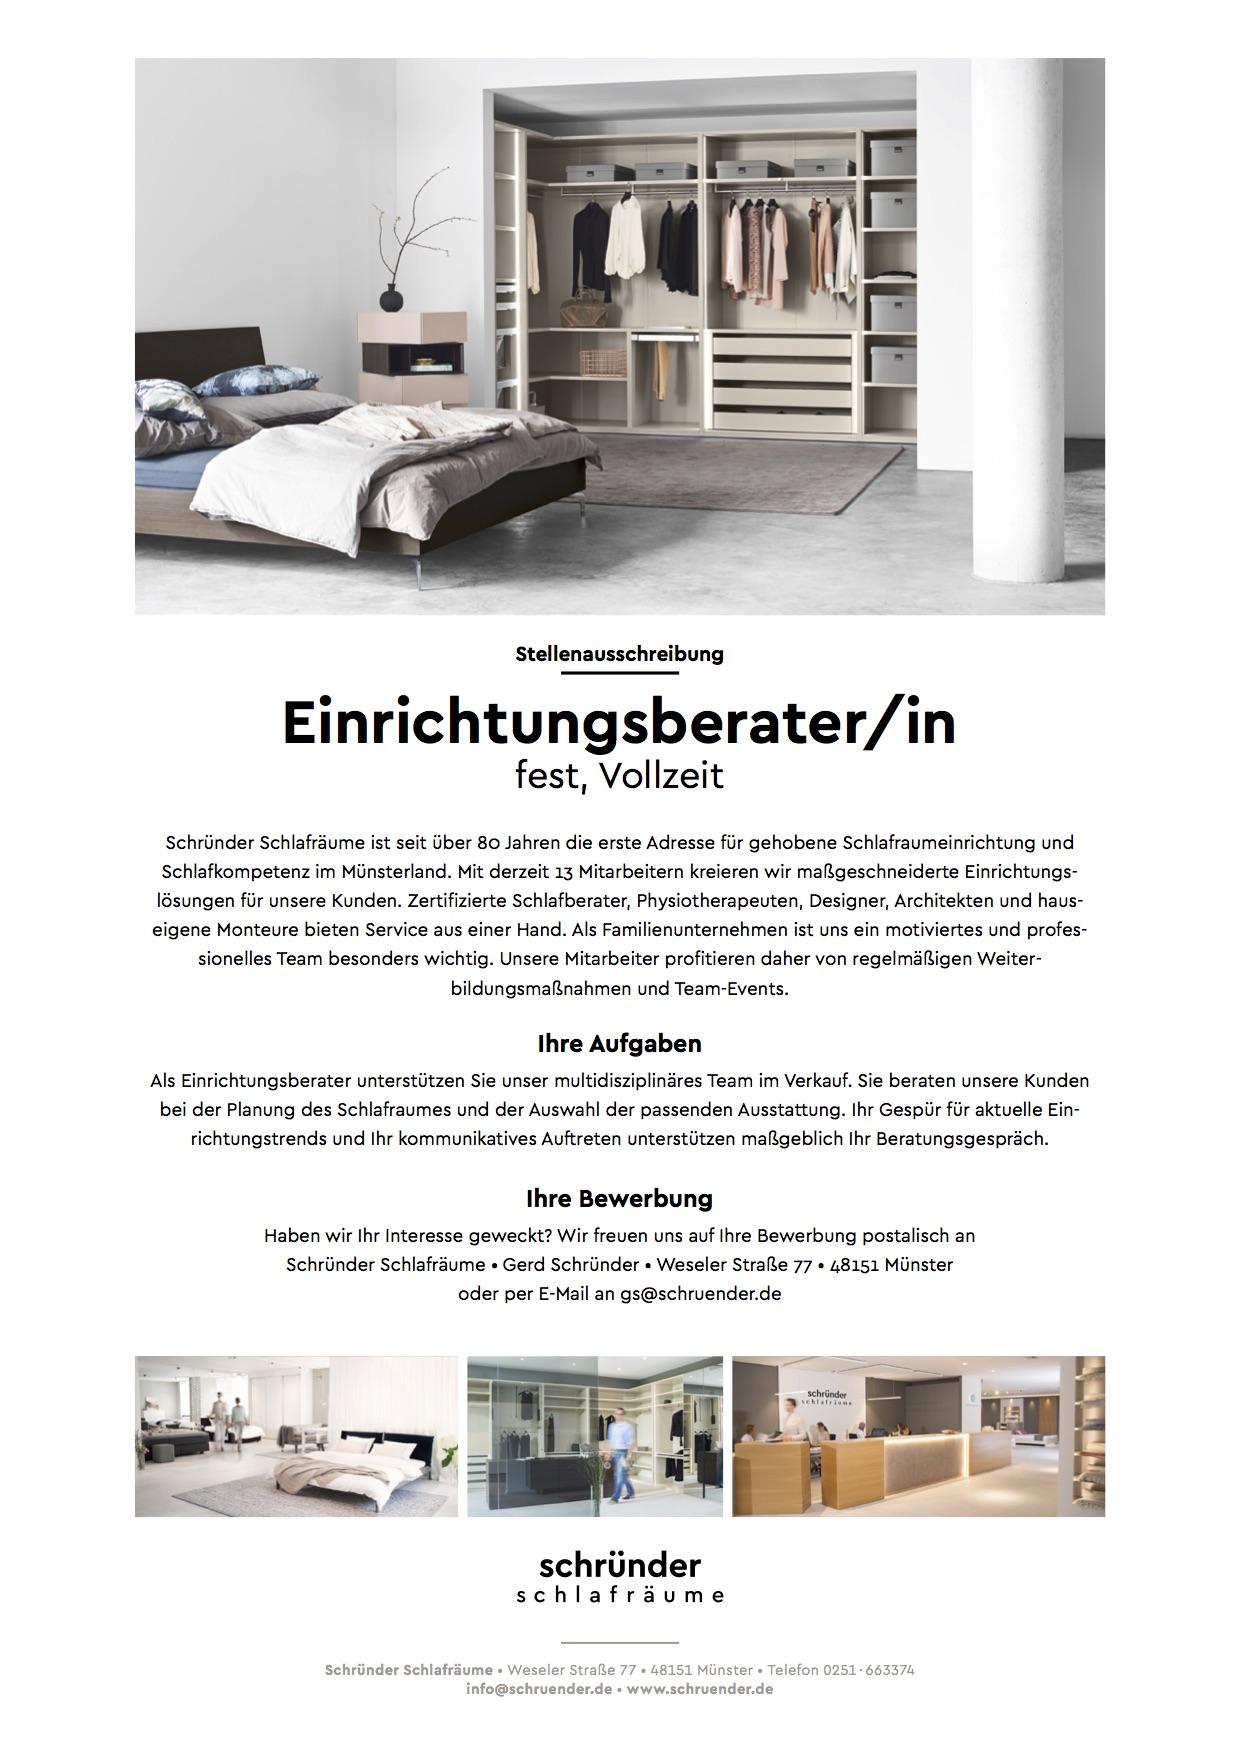 Schründer Münster einrichtungsberater/in, schründer schlafräume - mÖfa blog - der blog